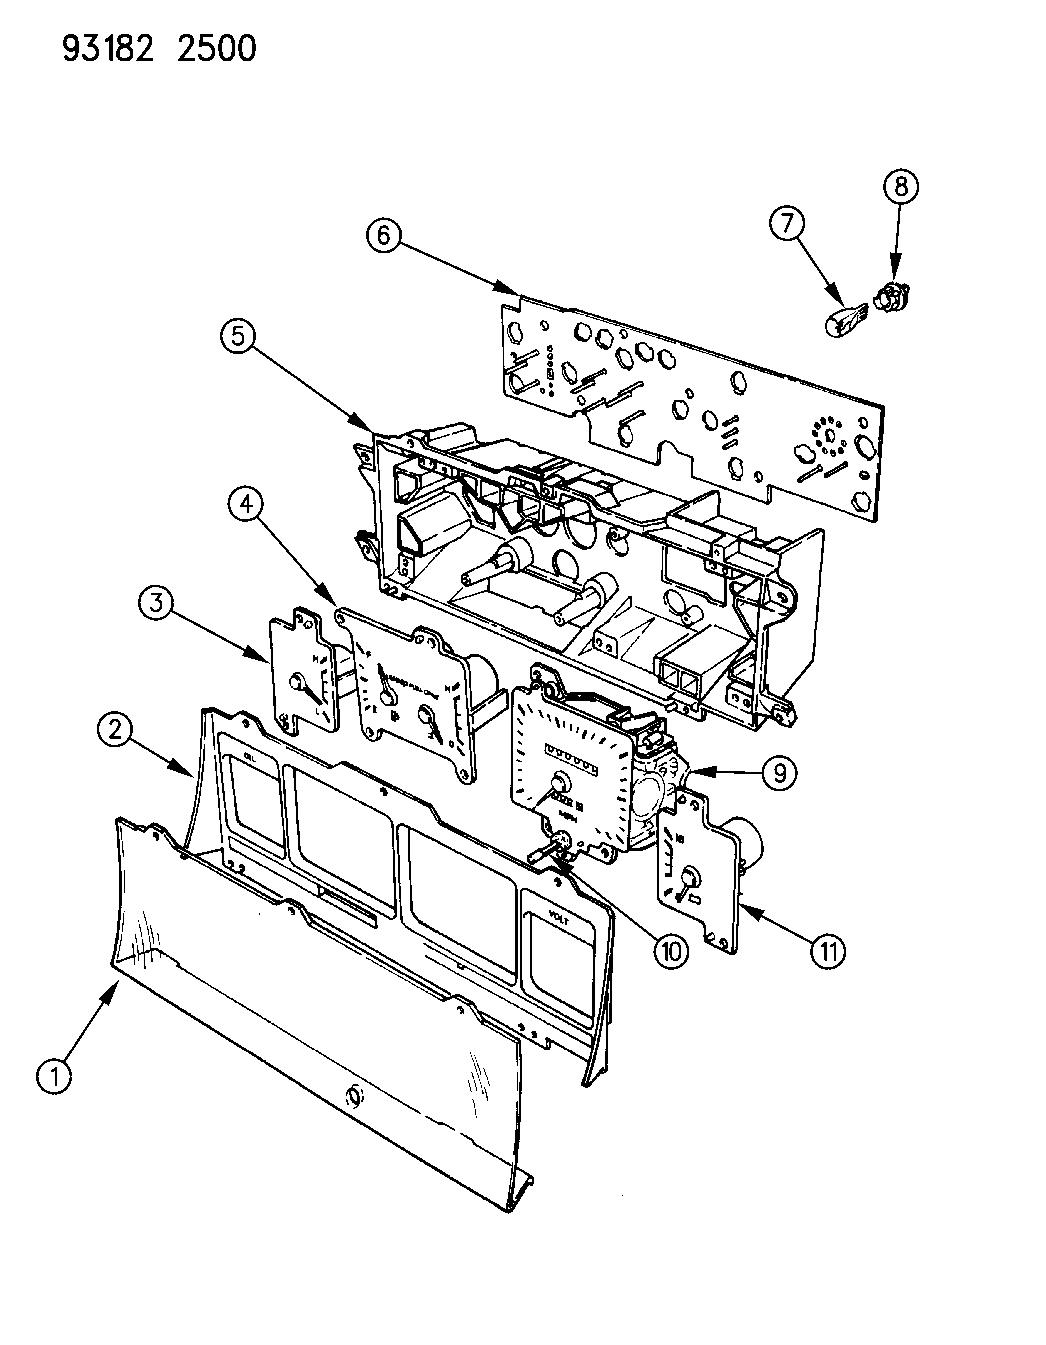 1993 Dodge Dynasty Instrument Panel Cluster Mopar Parts